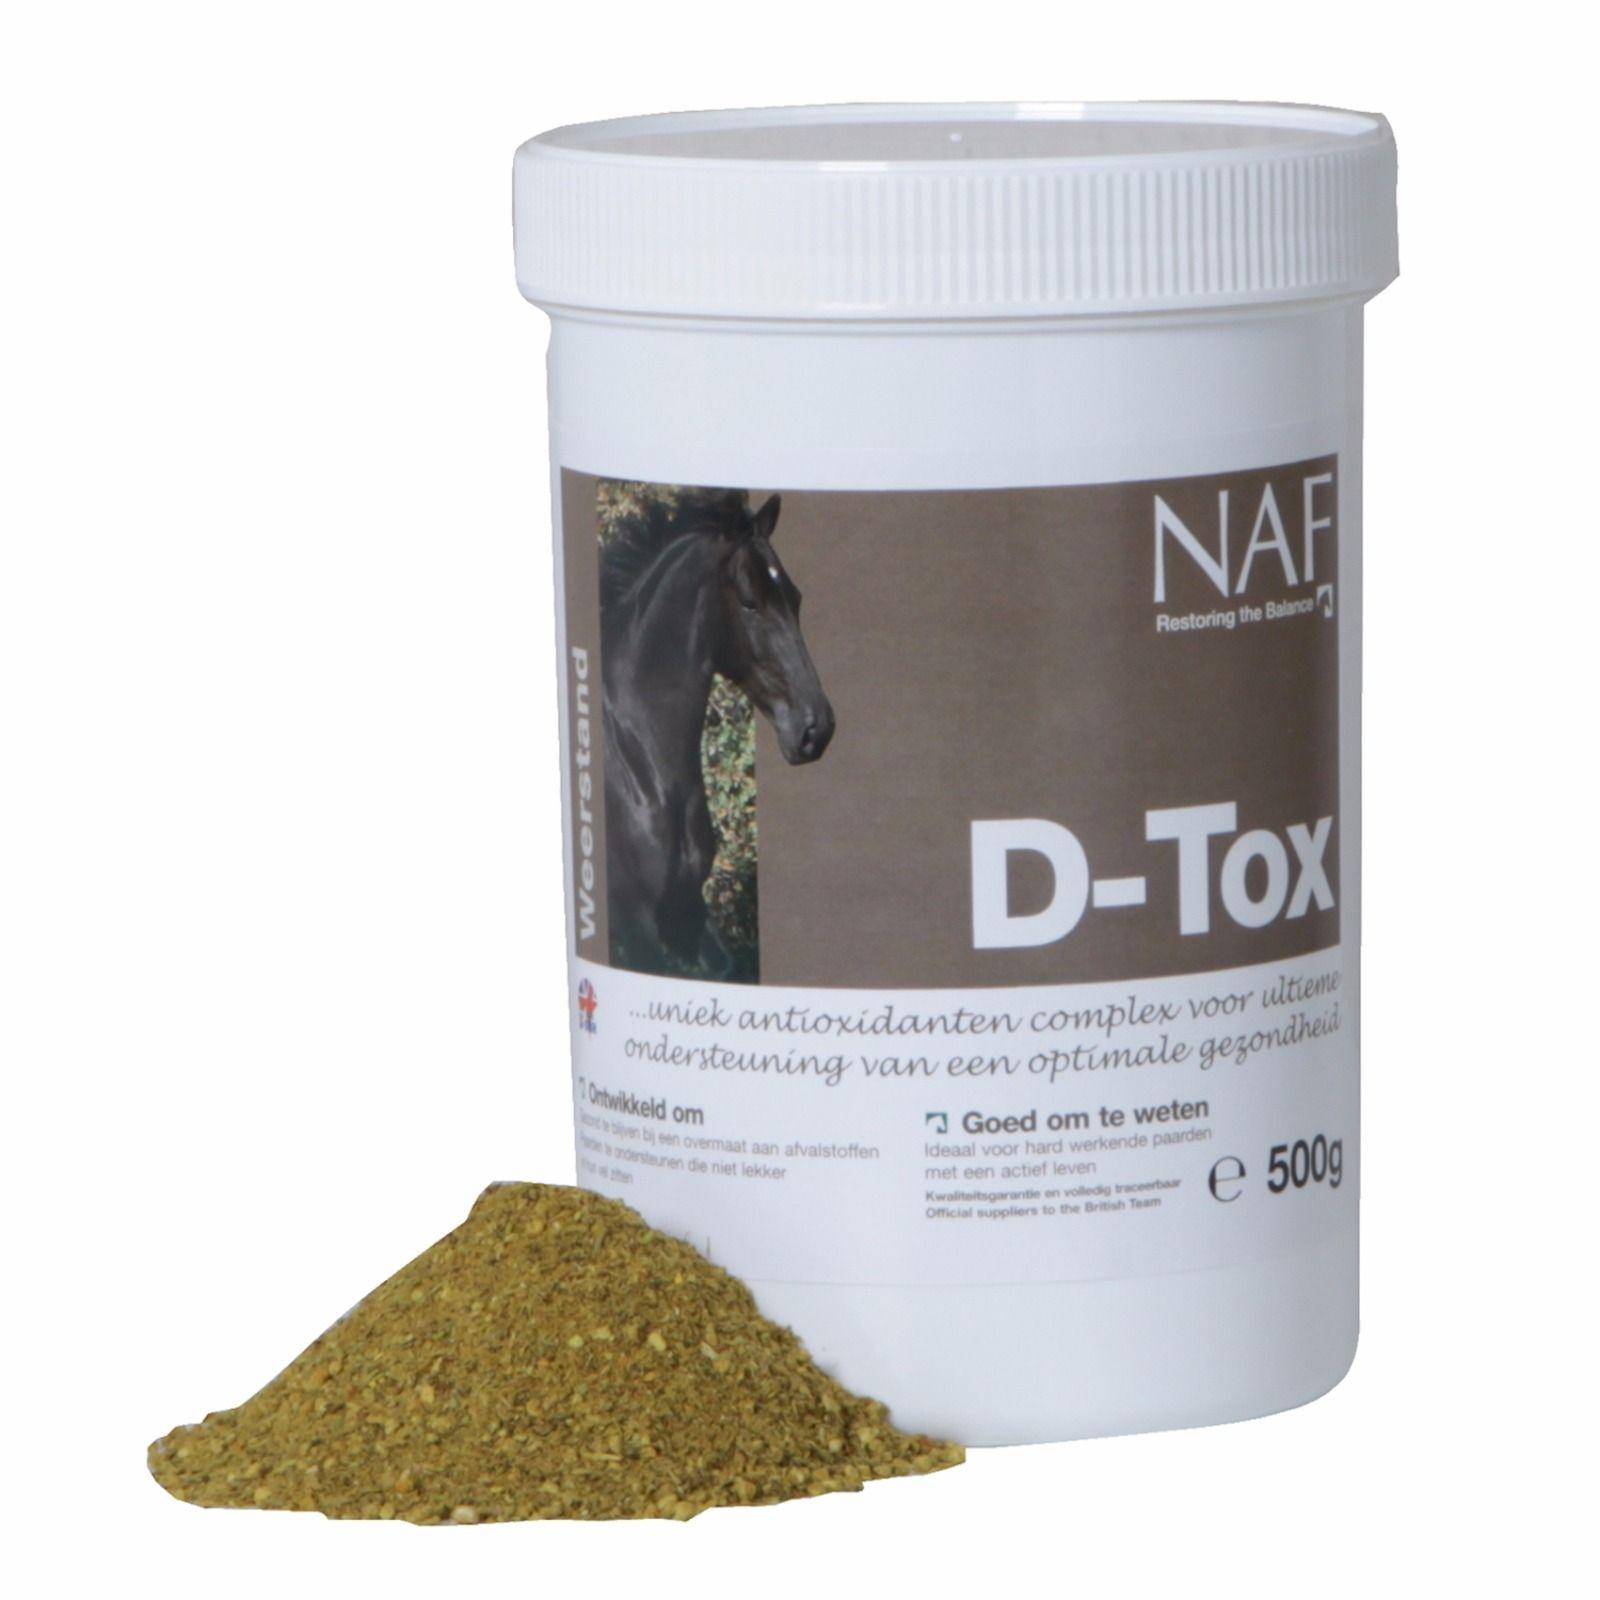 NAF D Tox 500 g